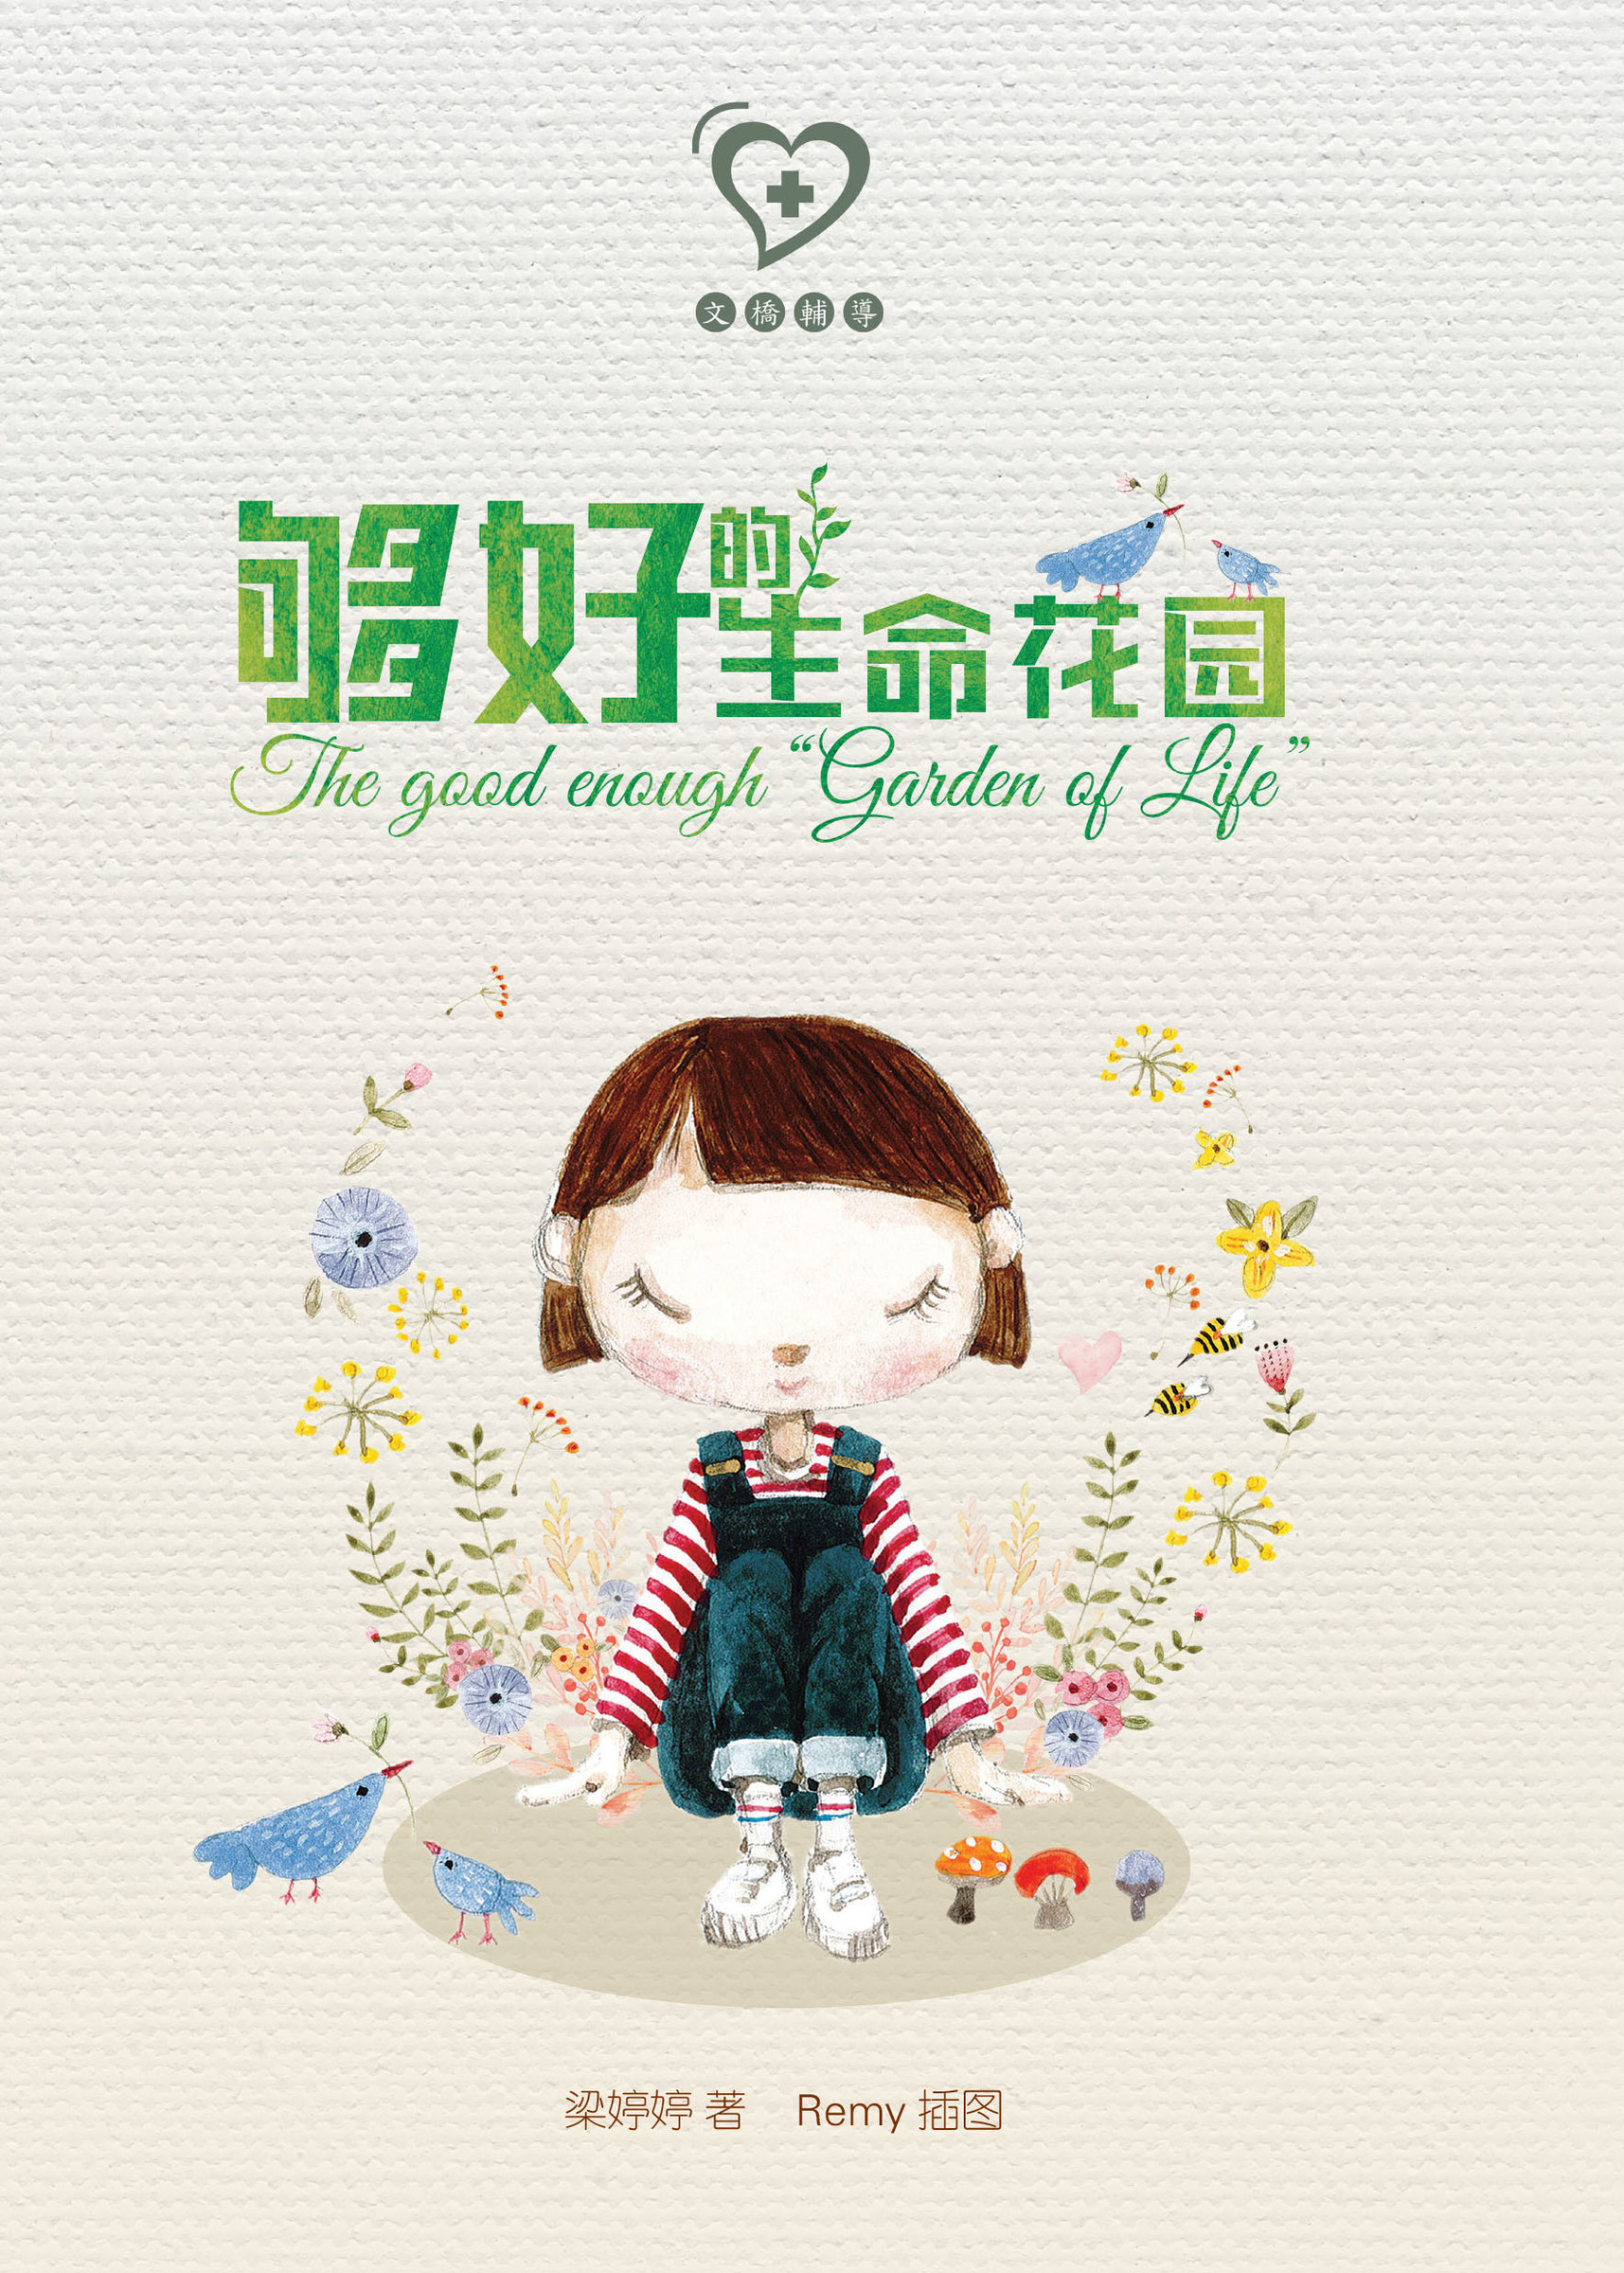 """《够好的生命花园》 The good enough """"Garden of Life"""".jpg"""